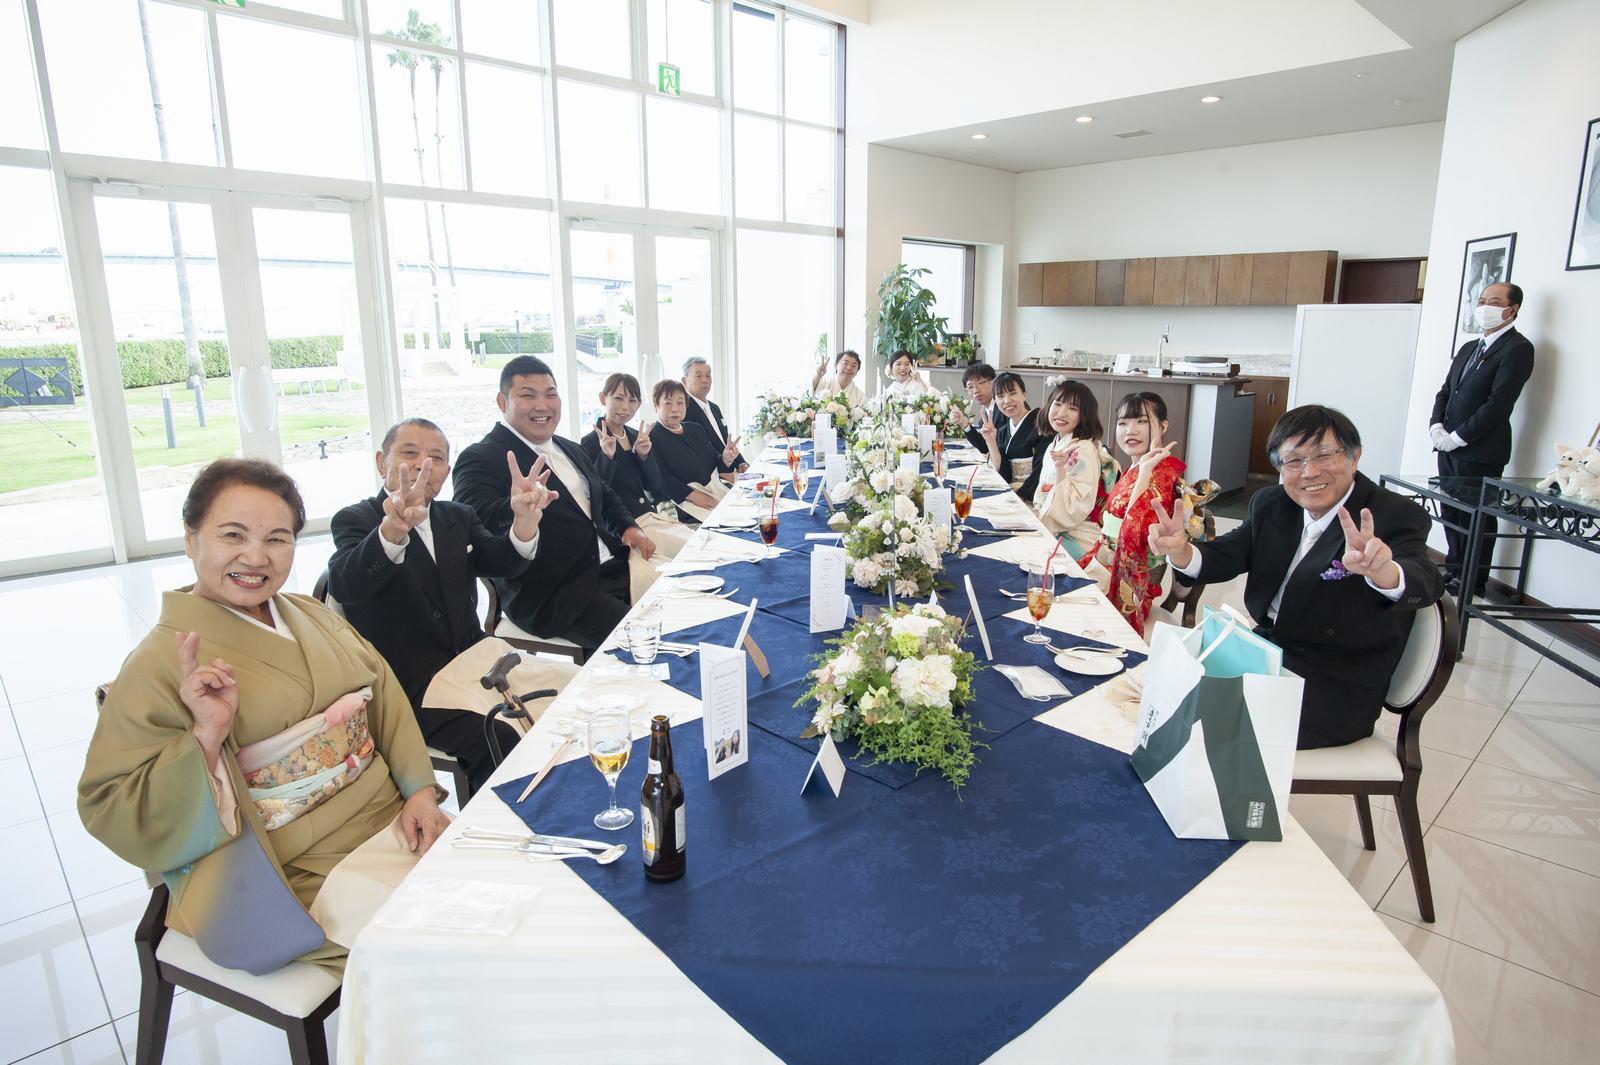 徳島市の結婚式場ブランアンジュの披露宴会場で席から手をふるゲスト